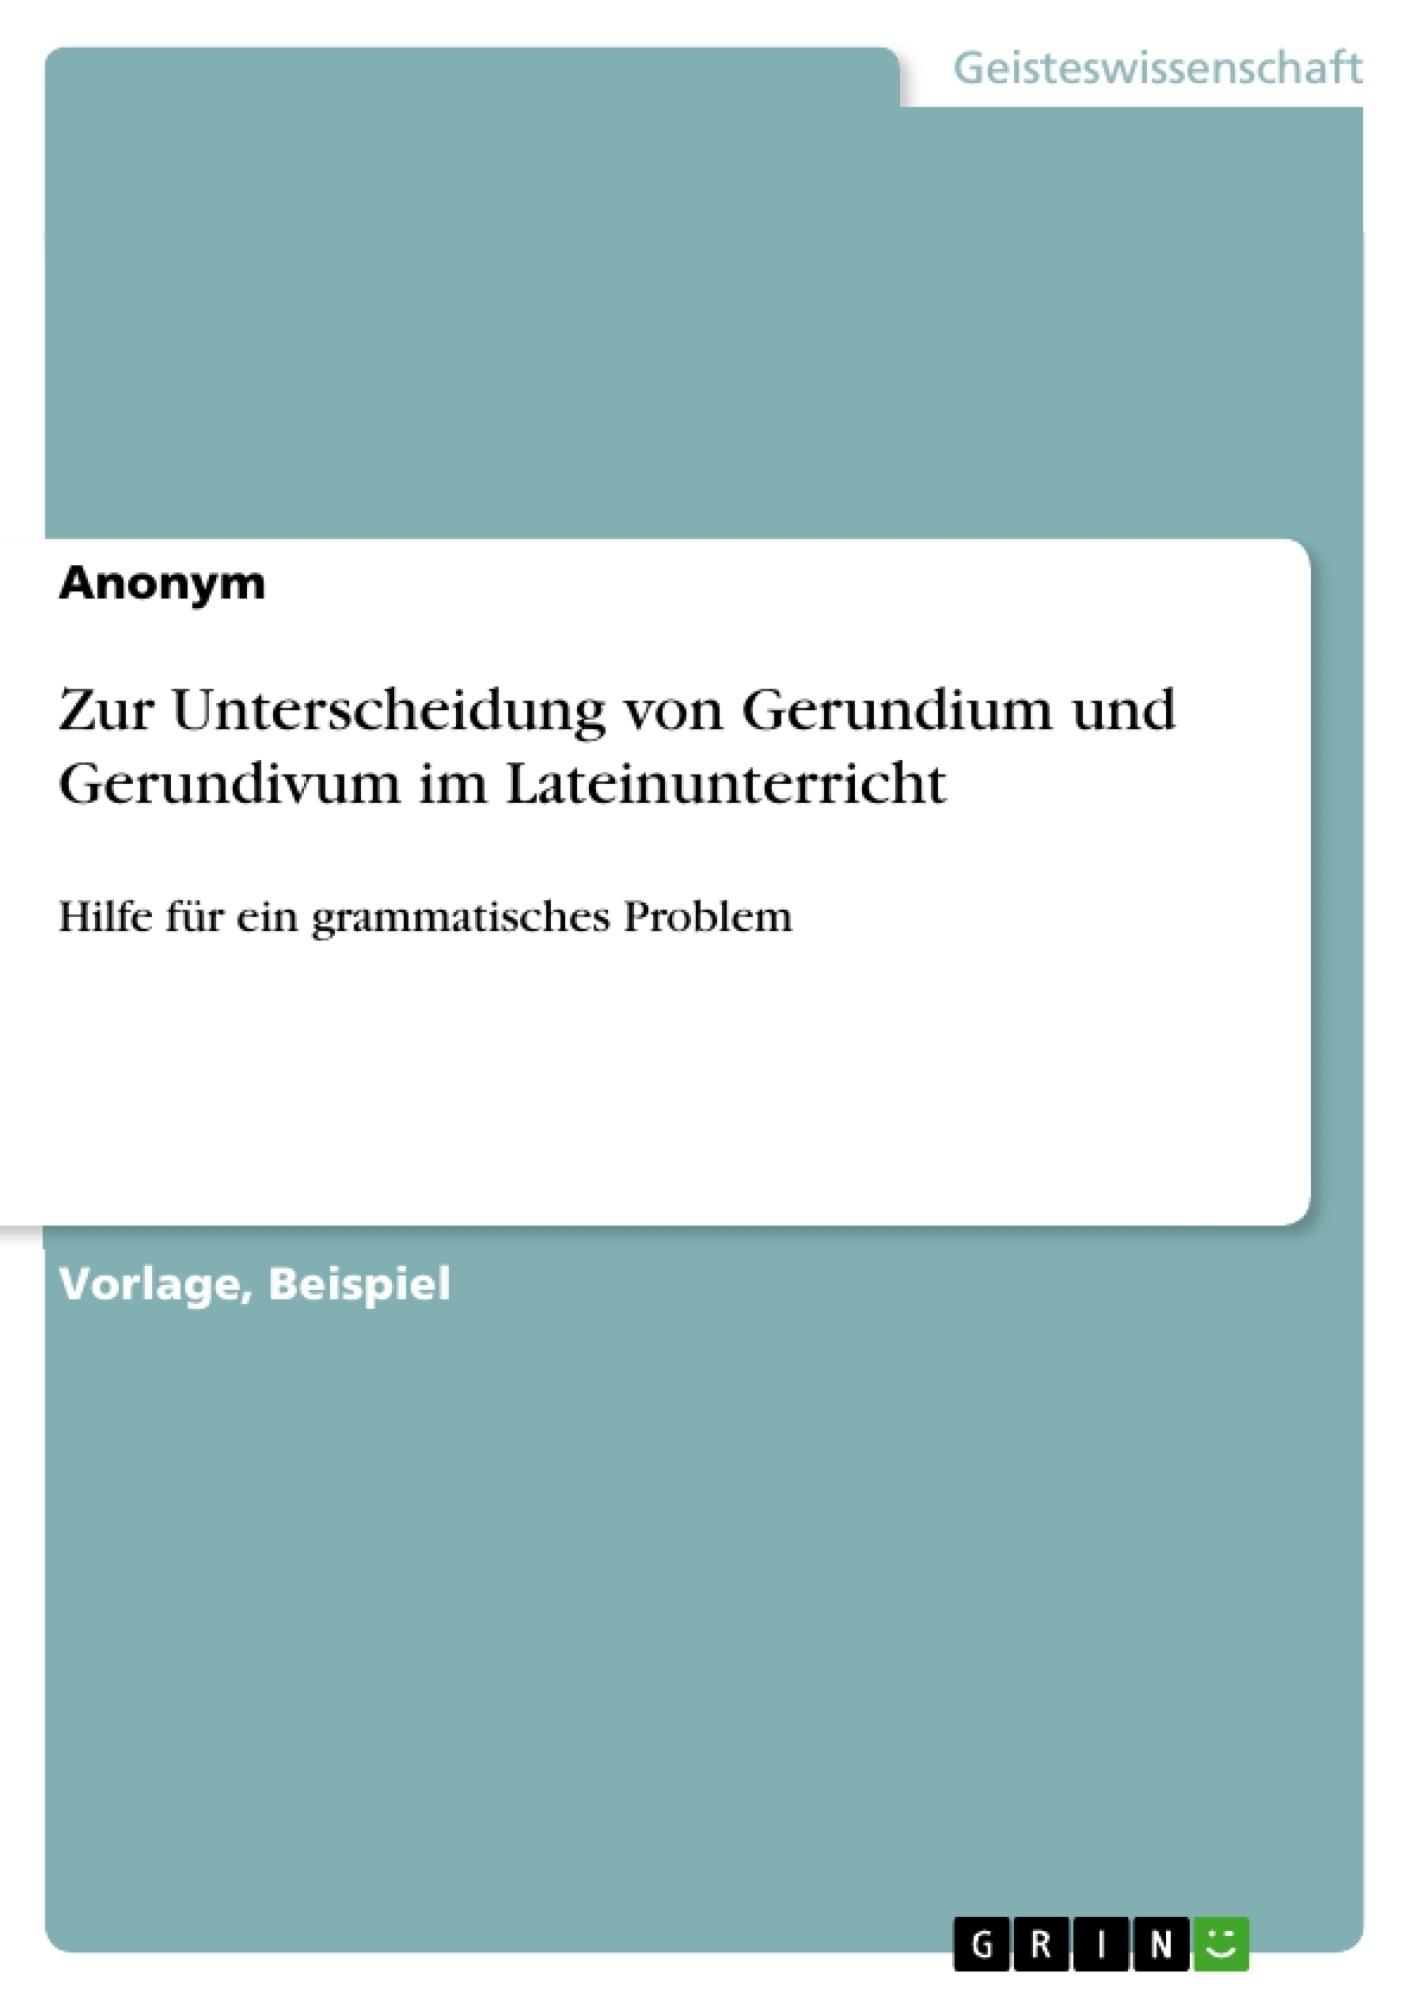 Titel: Zur Unterscheidung von Gerundium und Gerundivum im Lateinunterricht